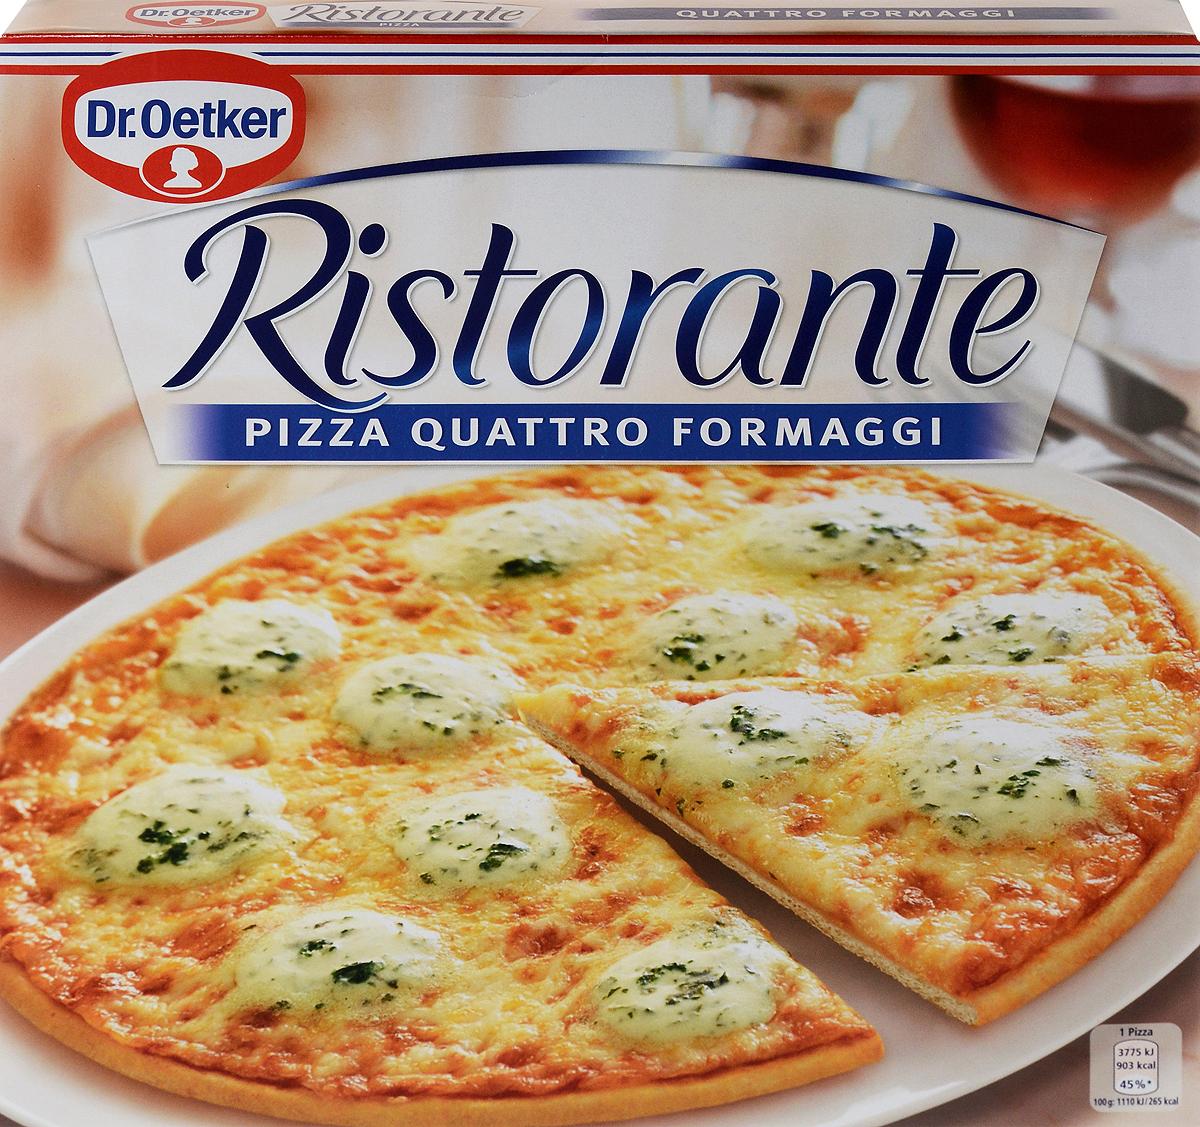 Dr.Oetker Пицца Ristorante 4 Сыра, 340 г22160Пицца Ristorante - вкусно, как в настоящей итальянской пиццерии! Пицца Ristorante - изысканная итальянская пицца на тонком хрустящем тесте с богатой начинкой.Обильно покрыта сырами моцарелла, горгонзола, эдамским и эмментальскимна хрустящем тонком корже. Способ приготовления: предварительно разогреть духовку, снять пленку,выпекать замороженную пиццу 12-14 минут.